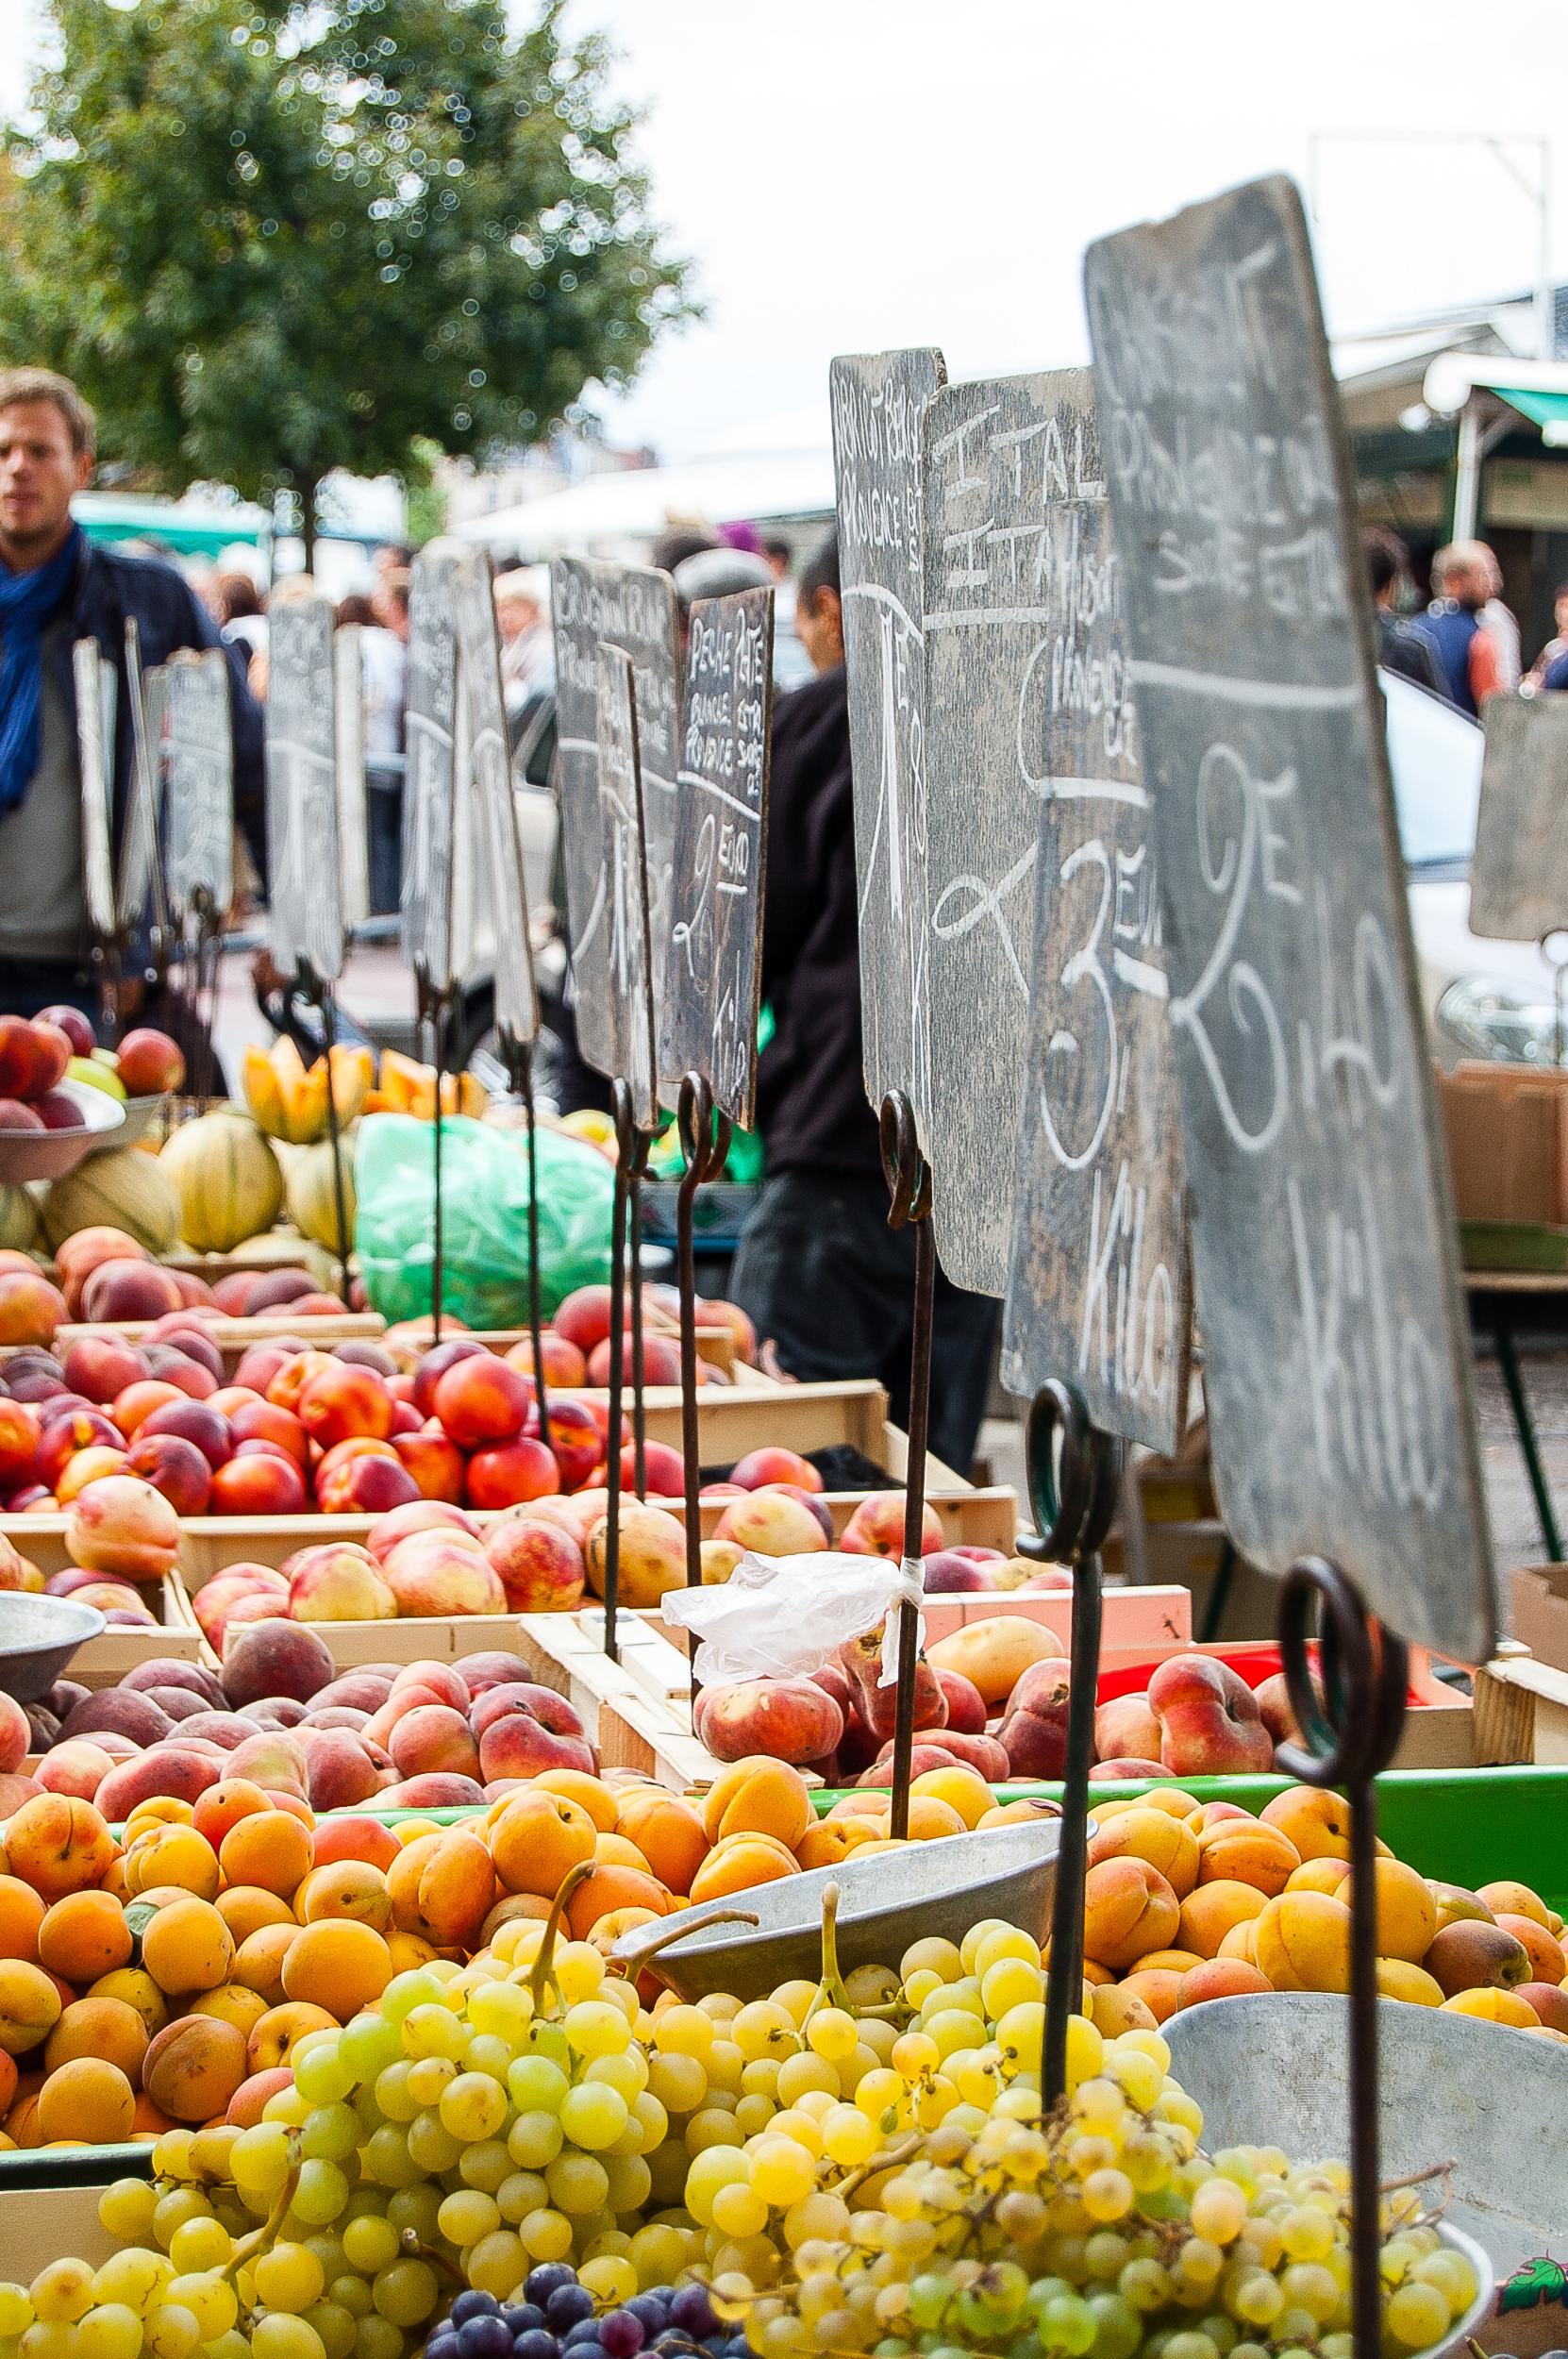 Lyon France Sunday Market Produce Fruit Signs